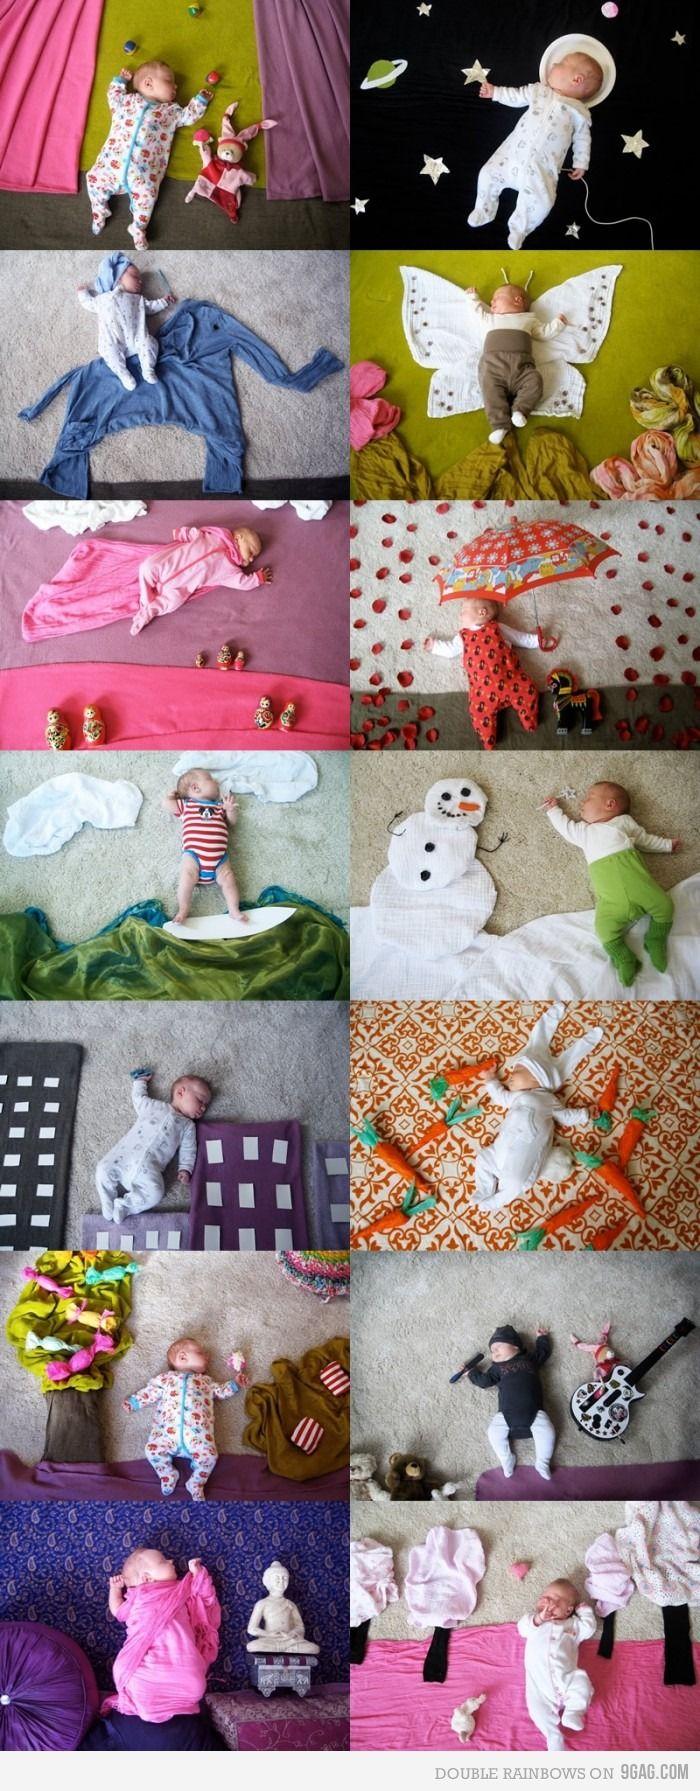 Sleeping Baby #funnyphotos